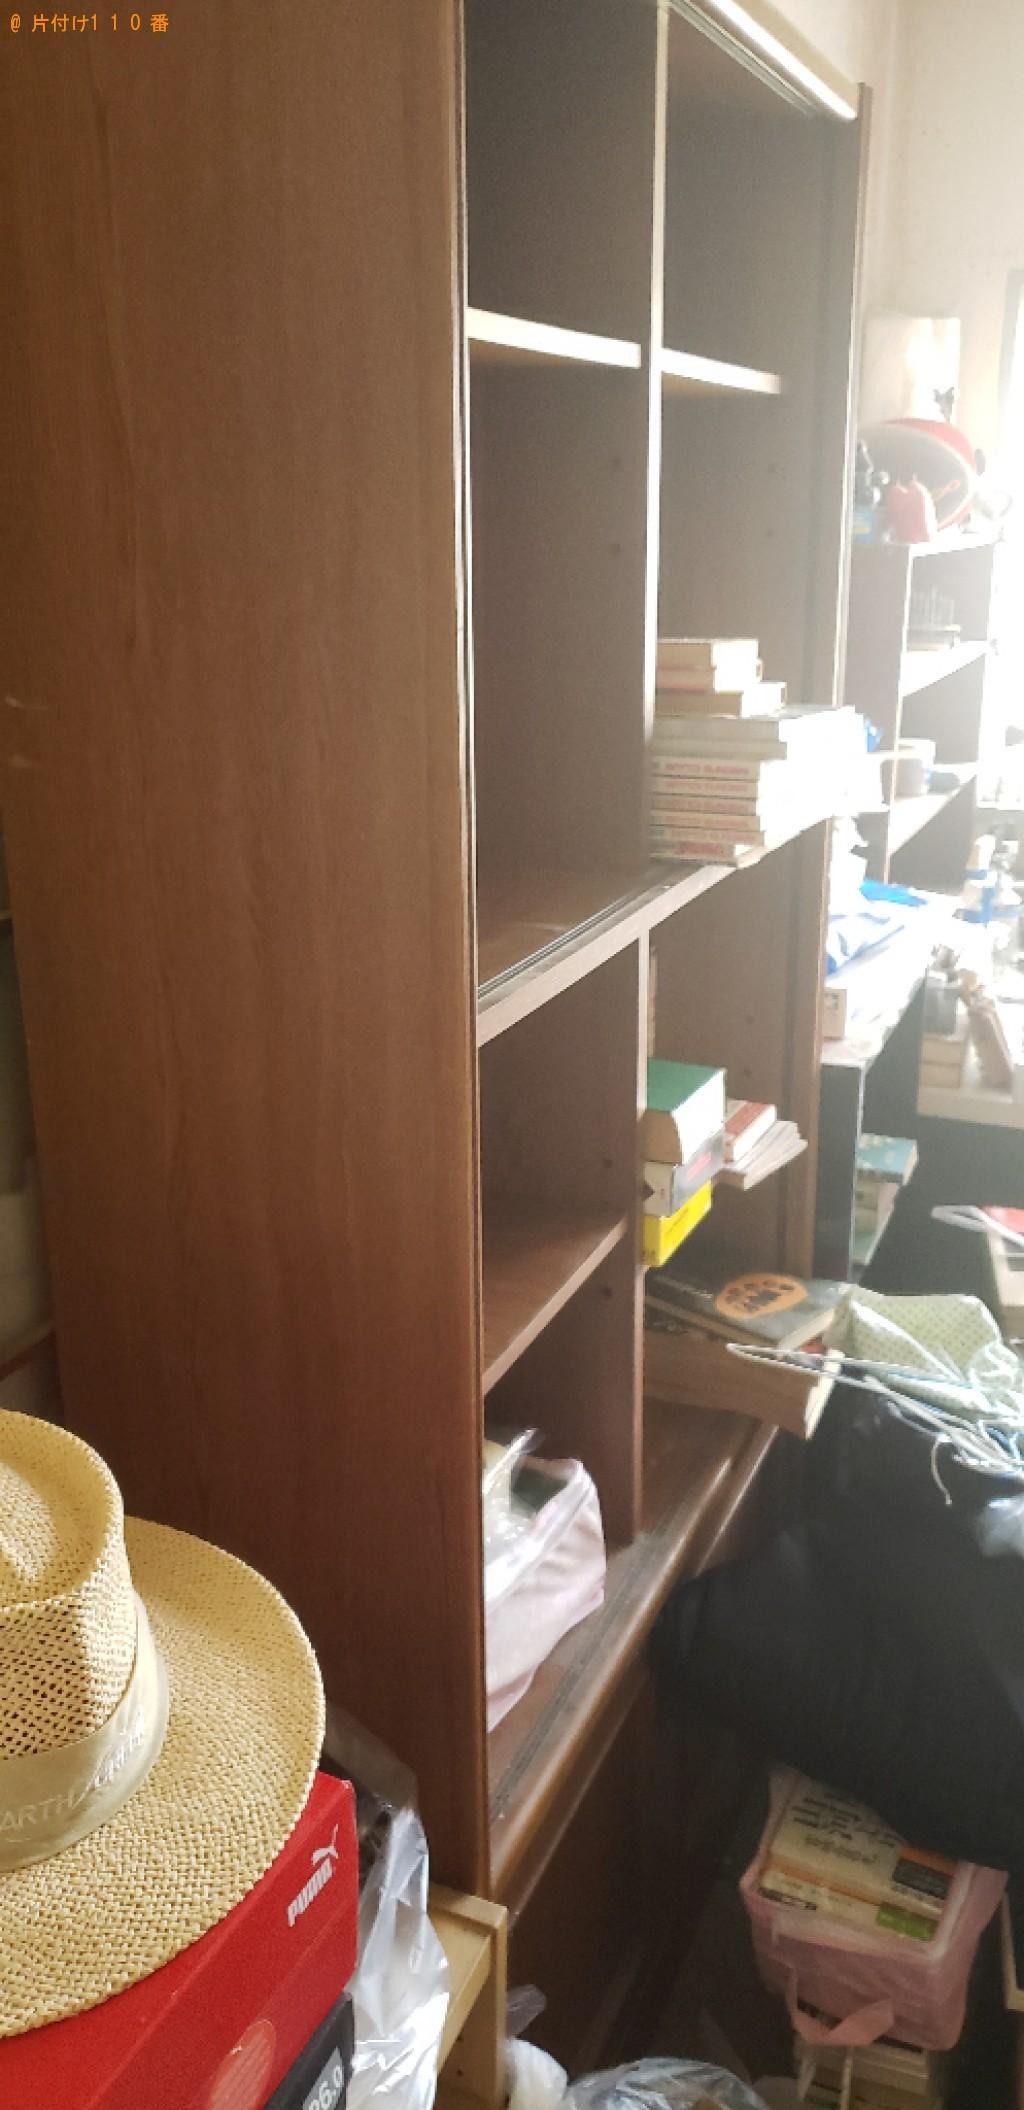 【廿日市市】遺品整理でタンス、本棚等の回収・処分ご依頼 お客様の声